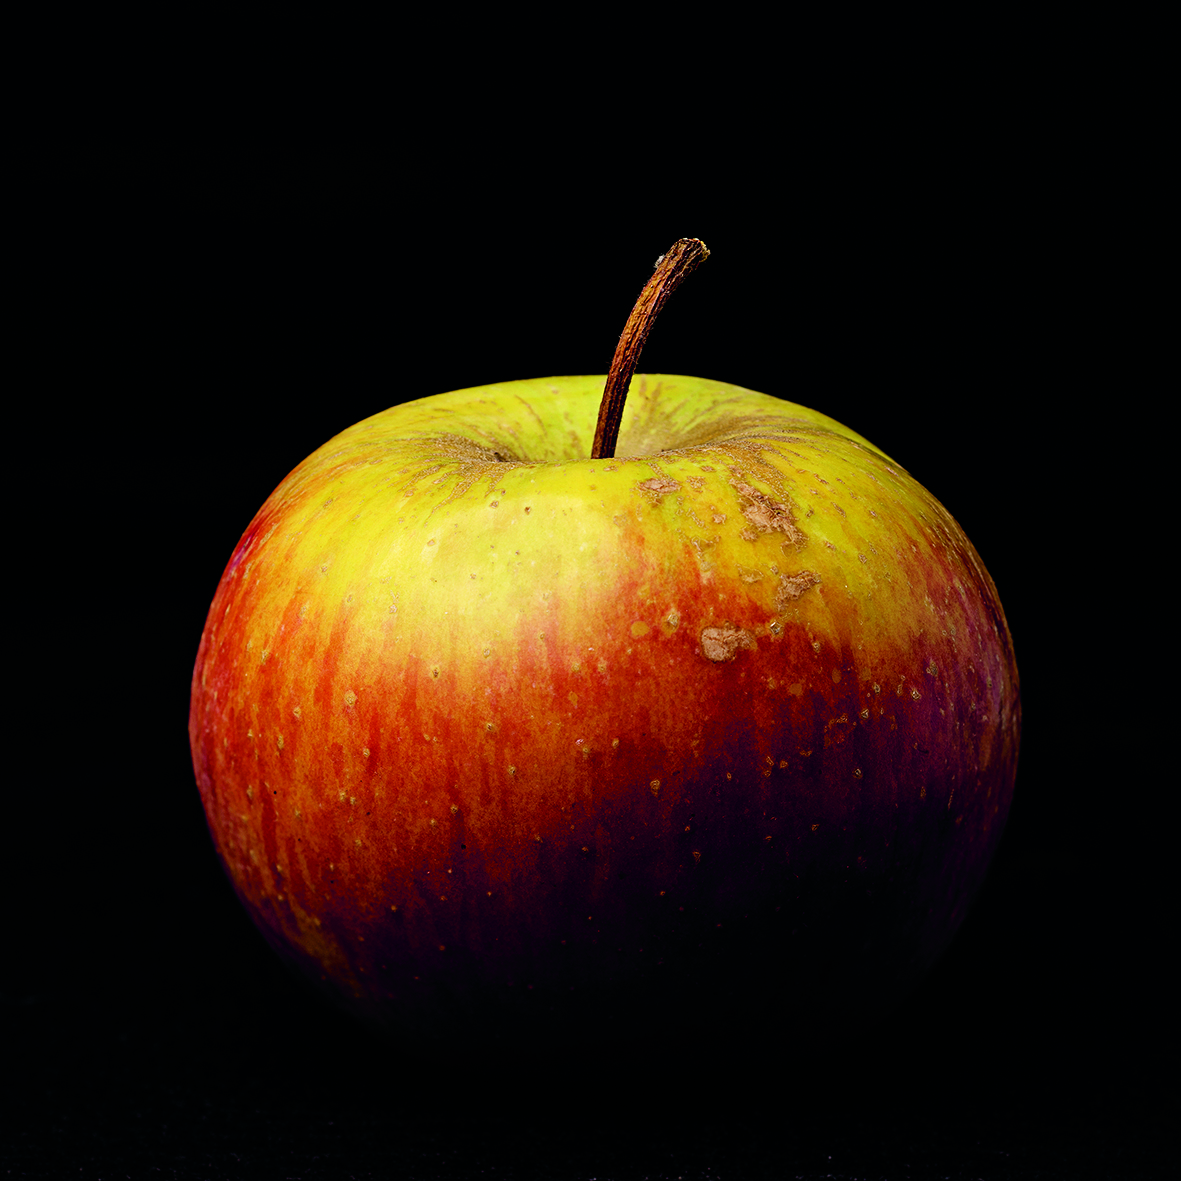 Povrće i voće Svemoguće